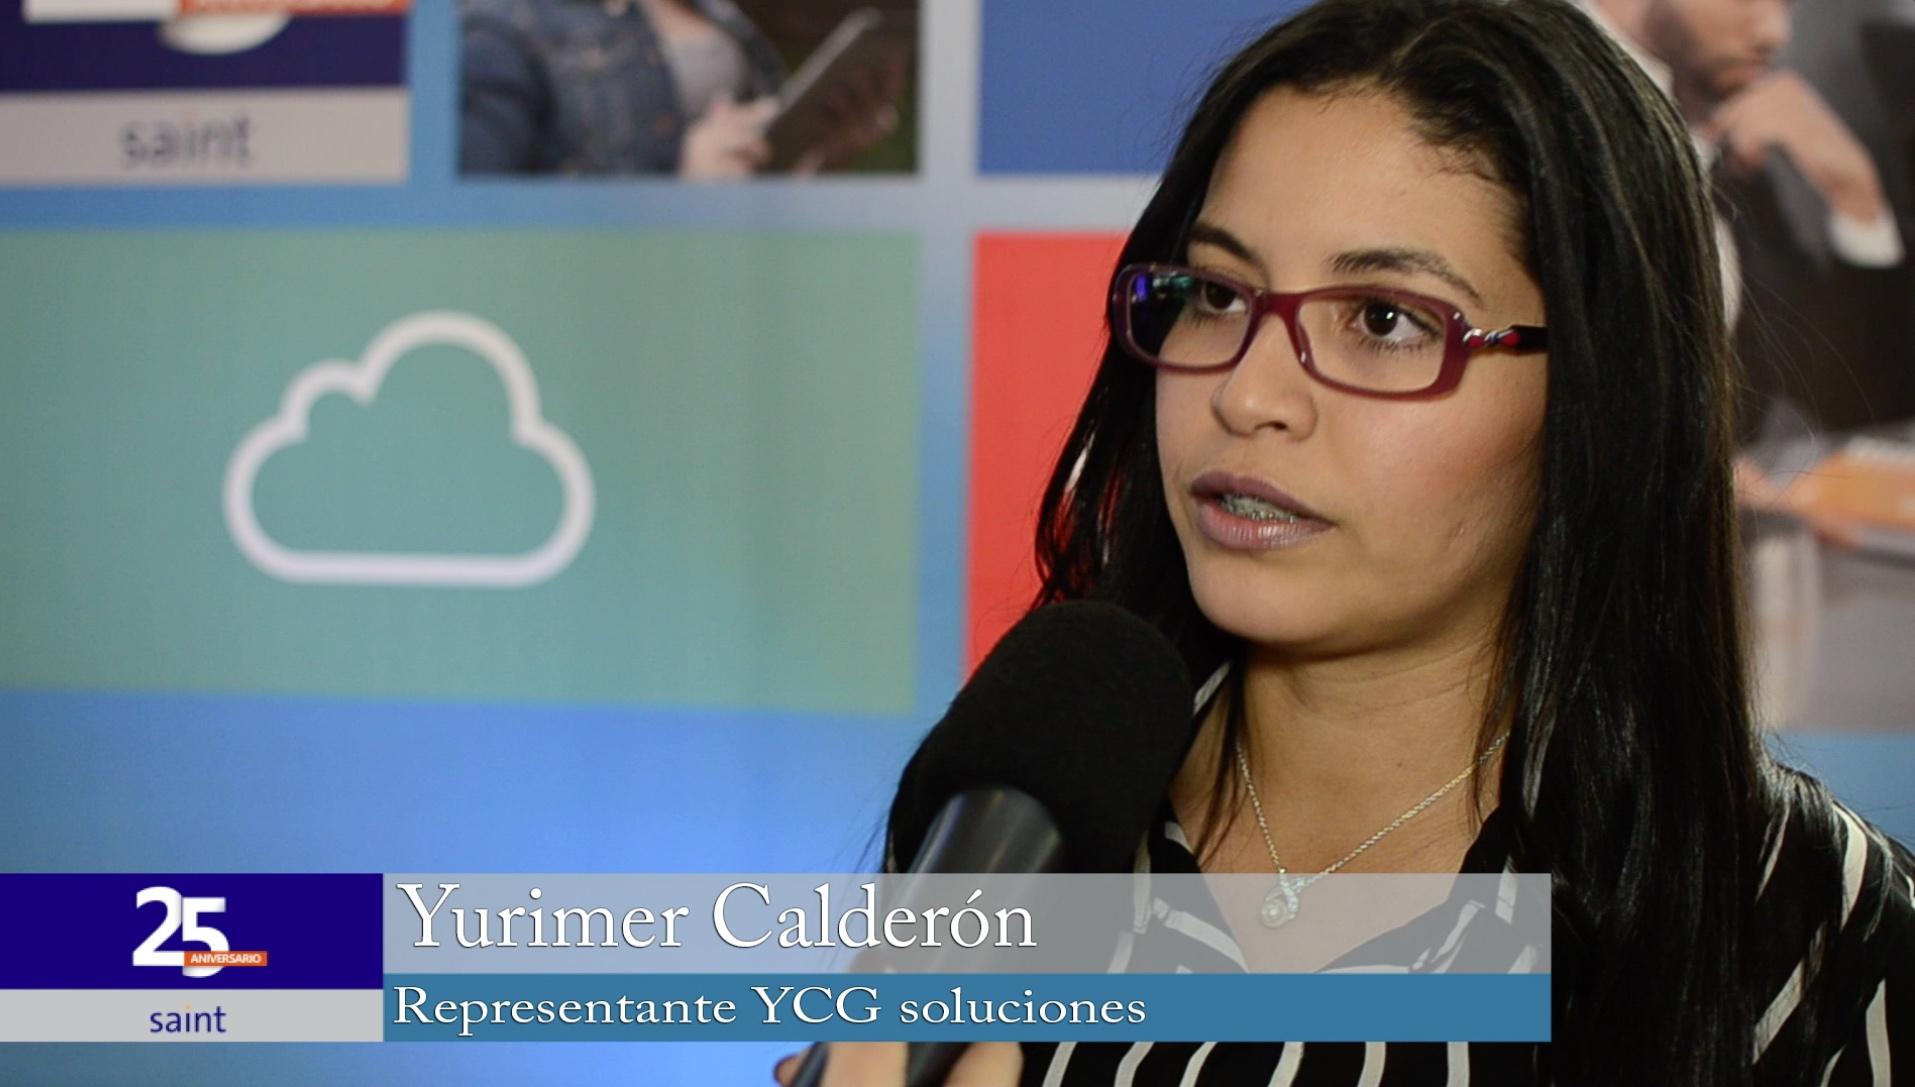 Yurimer Calderón representante de YCG Soluciones habla de su trabajo con SAINT.